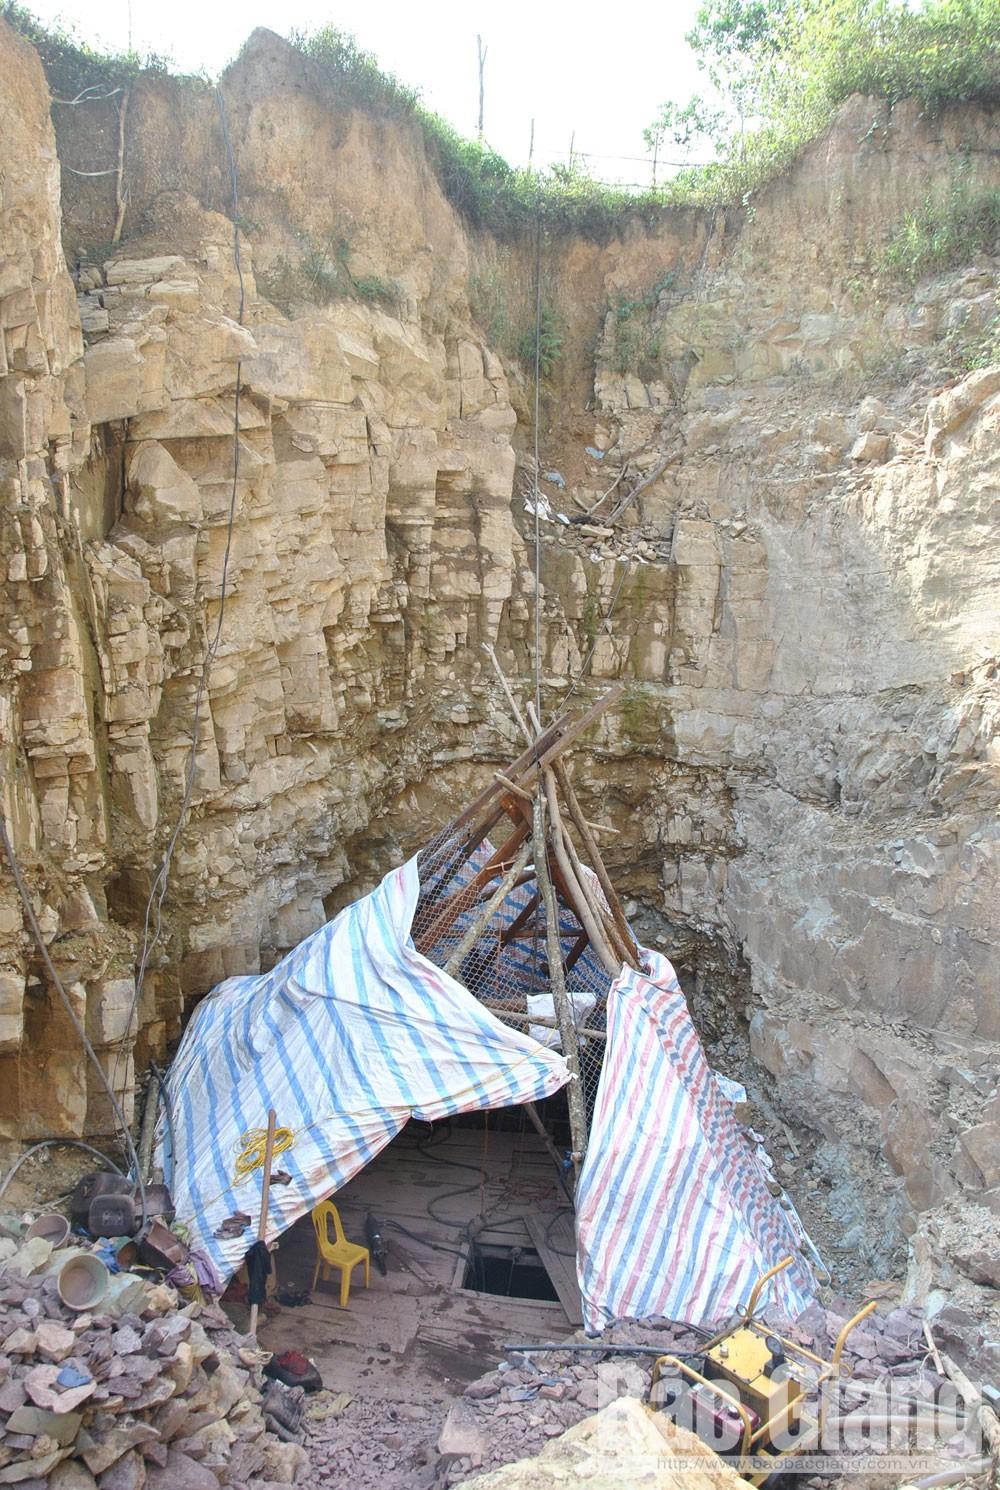 Lán trại trong hố thăm dò bên vách đá dựng đứng có nguy cơ đổ sập bất cứ lúc nào.